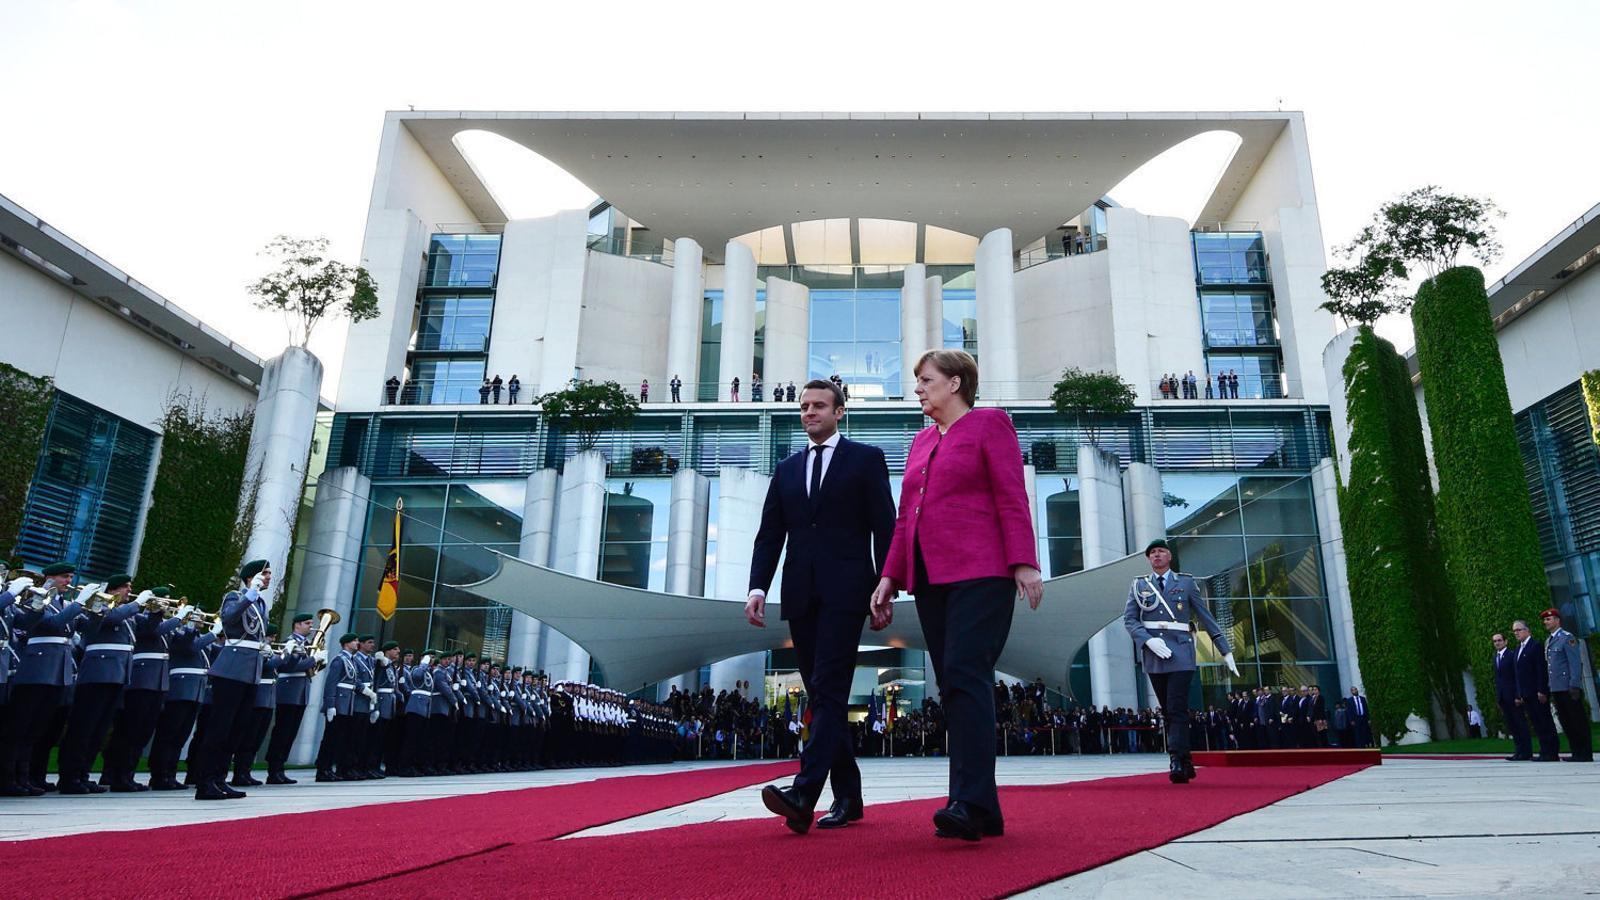 El president de França, Emmanuel Macron, i la cancellera alemanya, Angela Merkel, en una imatge d'arxiu.